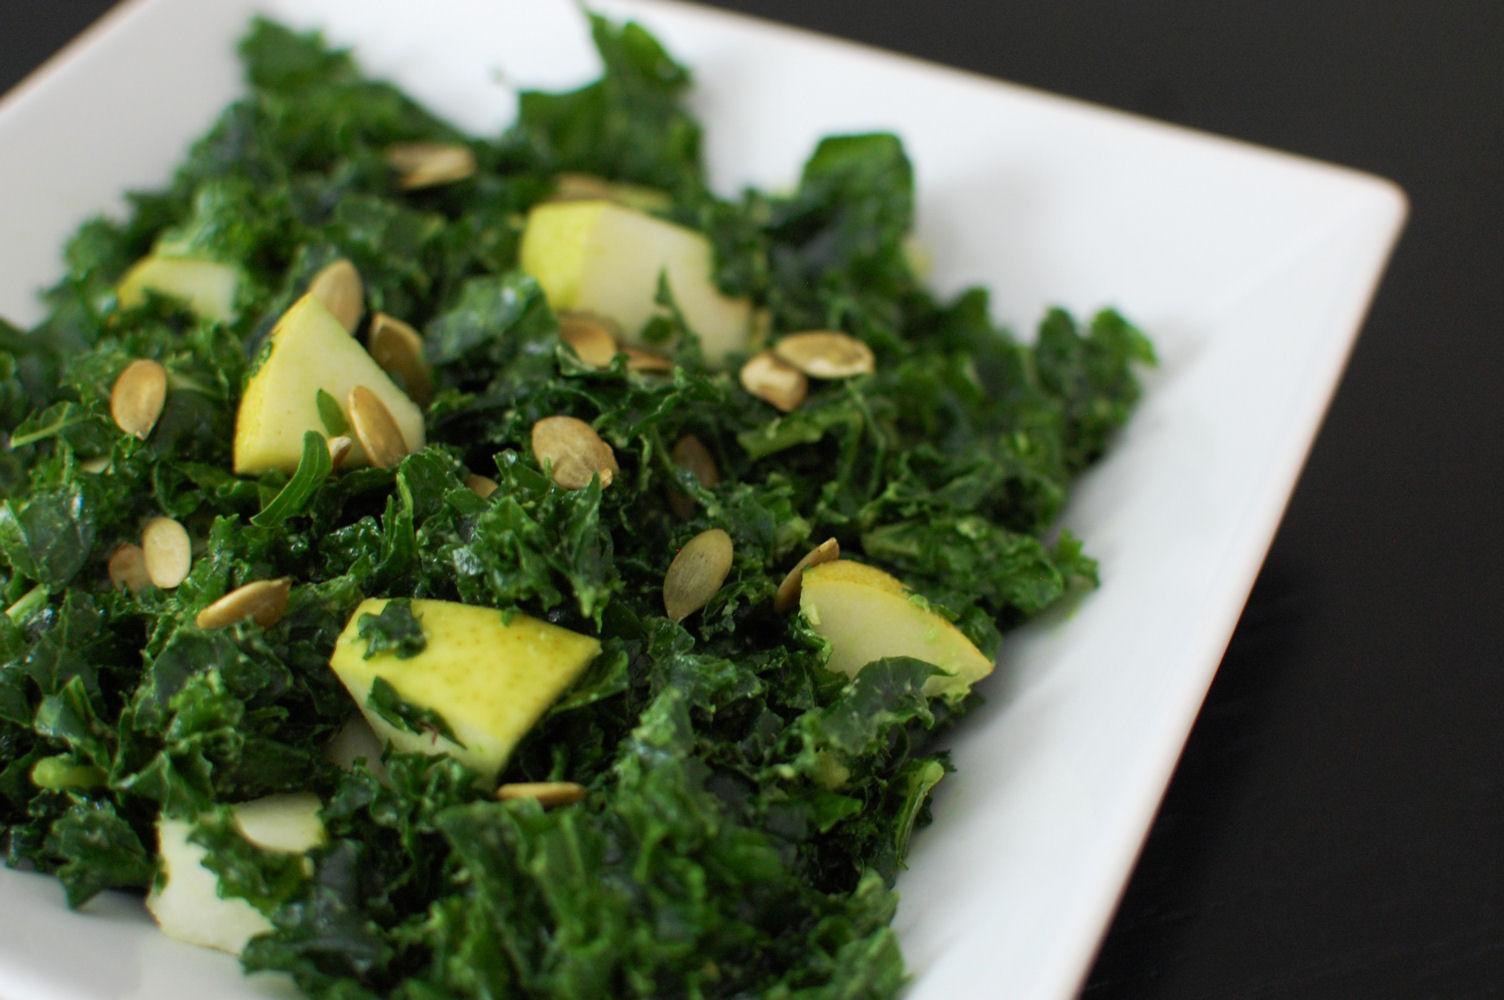 http://1.bp.blogspot.com/-ai5uVxhbN2o/TtK3dX-VbZI/AAAAAAAAHt4/dsXESSNpBN4/s1600/fall-massaged-kale-salad.jpg